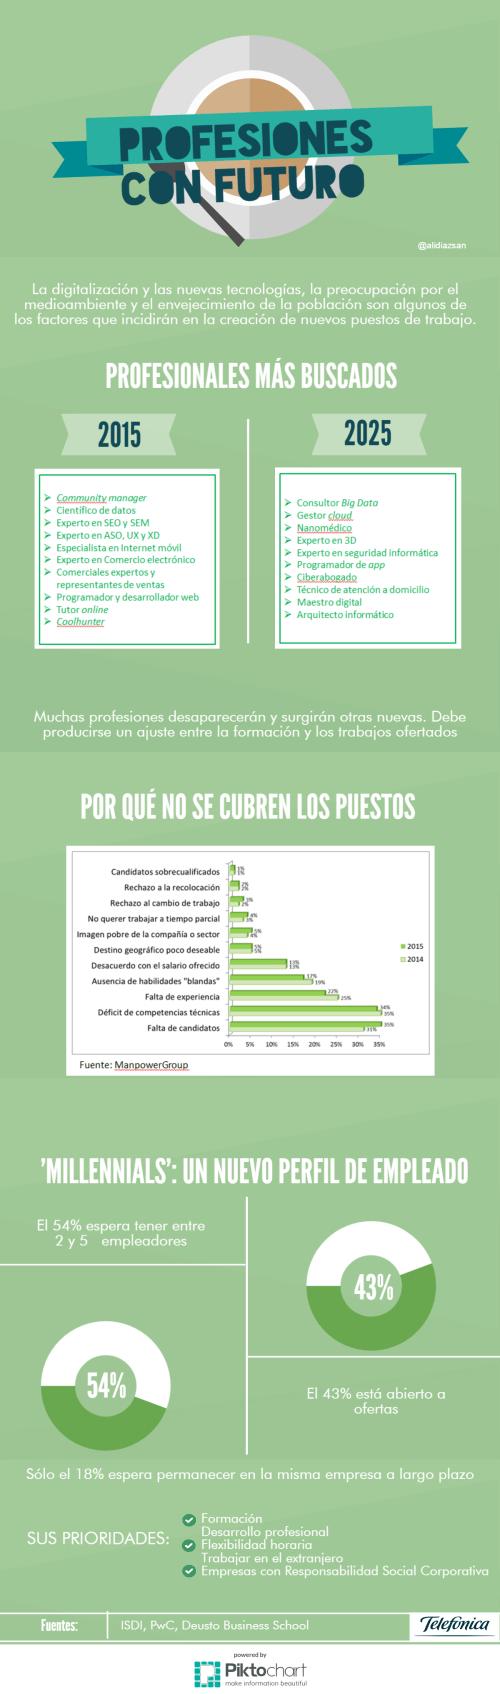 Profesiones con futuro (1)